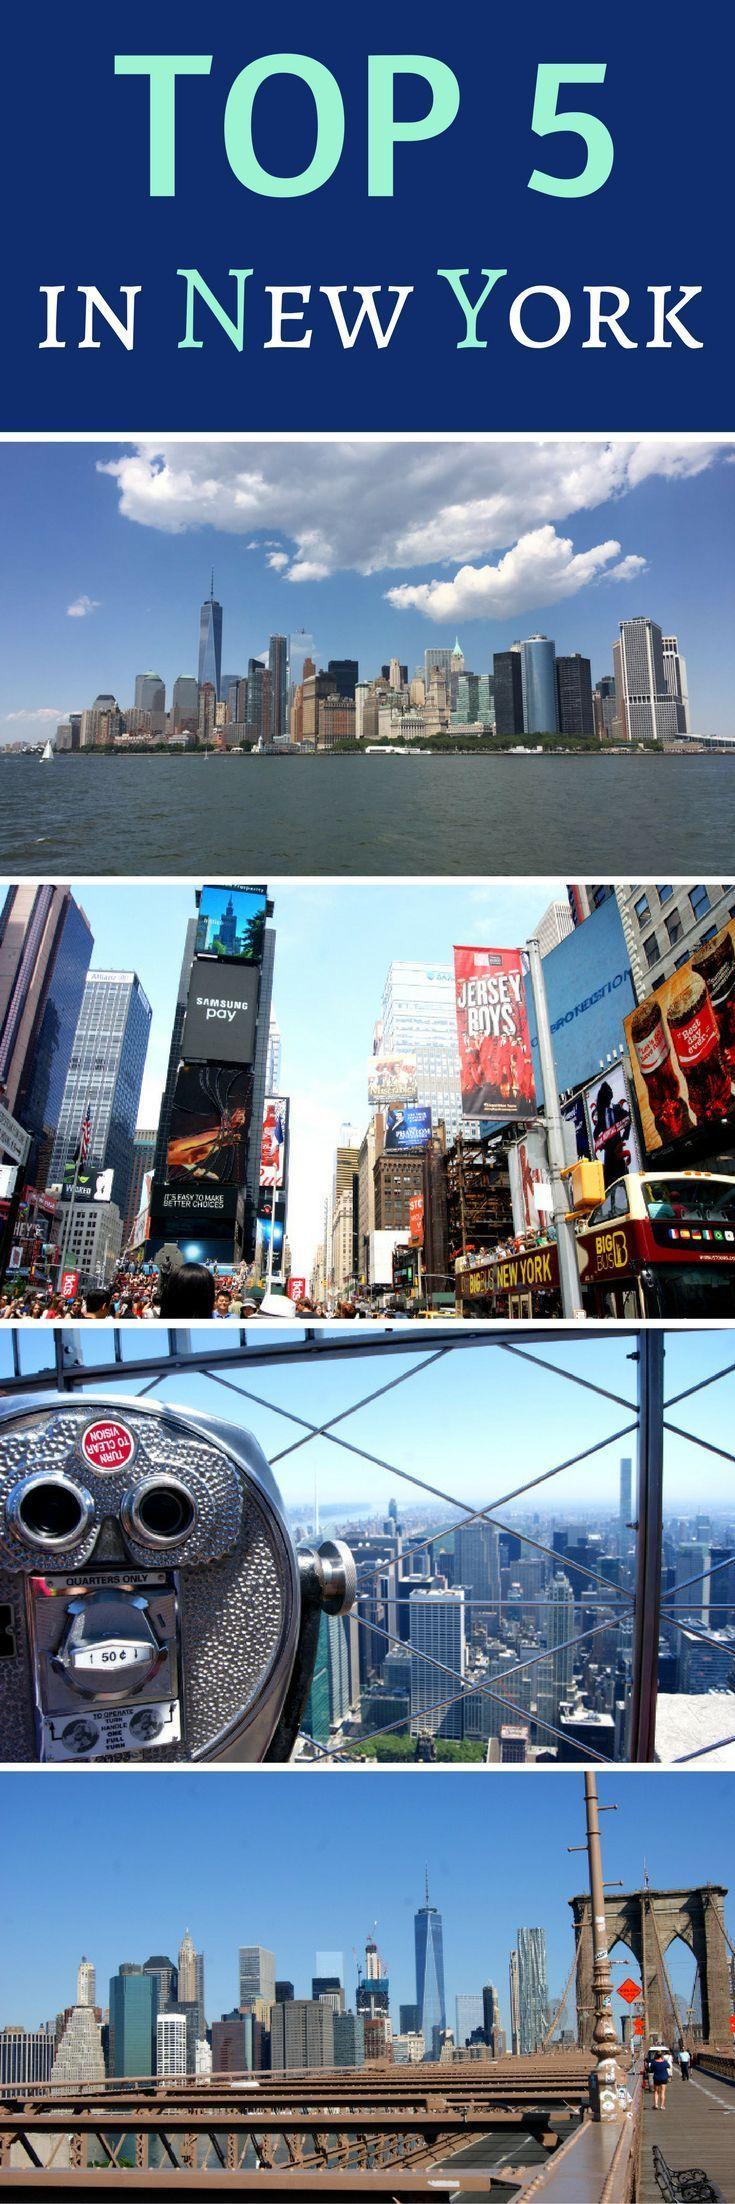 New York für Anfänger. In 2016 ging es wieder in die USA und diesmal stand auch endlich New York City auf dem Programm. Lange habe ich auf die Zeit im Big Apple hingefiebert. Endlich über die Brooklyn Bridge spazieren, die Skyline Manhattans und die Freih